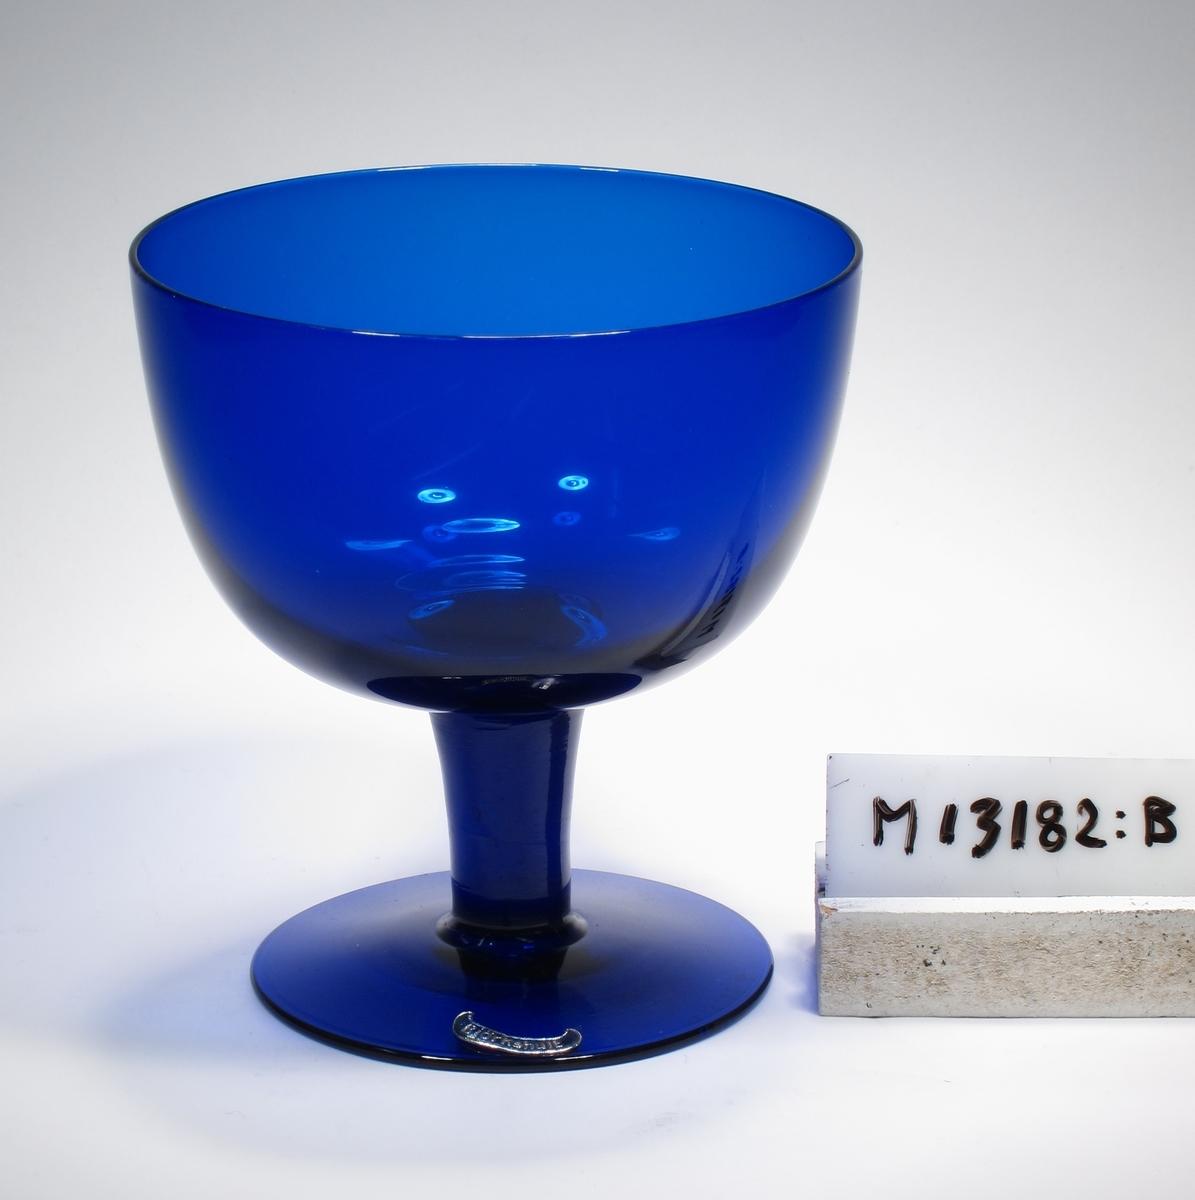 """Dricksglas på ben och fot. Mörkblått, tämligen klart glas. Ovan angivna mått avser övre diameter. Fotdiameter: 76 mm. Bananformad, mörkblå etikett med text. Se """"Signering, märkning"""" ovan. Inskrivet i huvudkatalogen 1943.  Se M 15185 och M 15186, samma modell. Funktion: Dricksglas, eventuellt för alkoholhaltig dryck"""